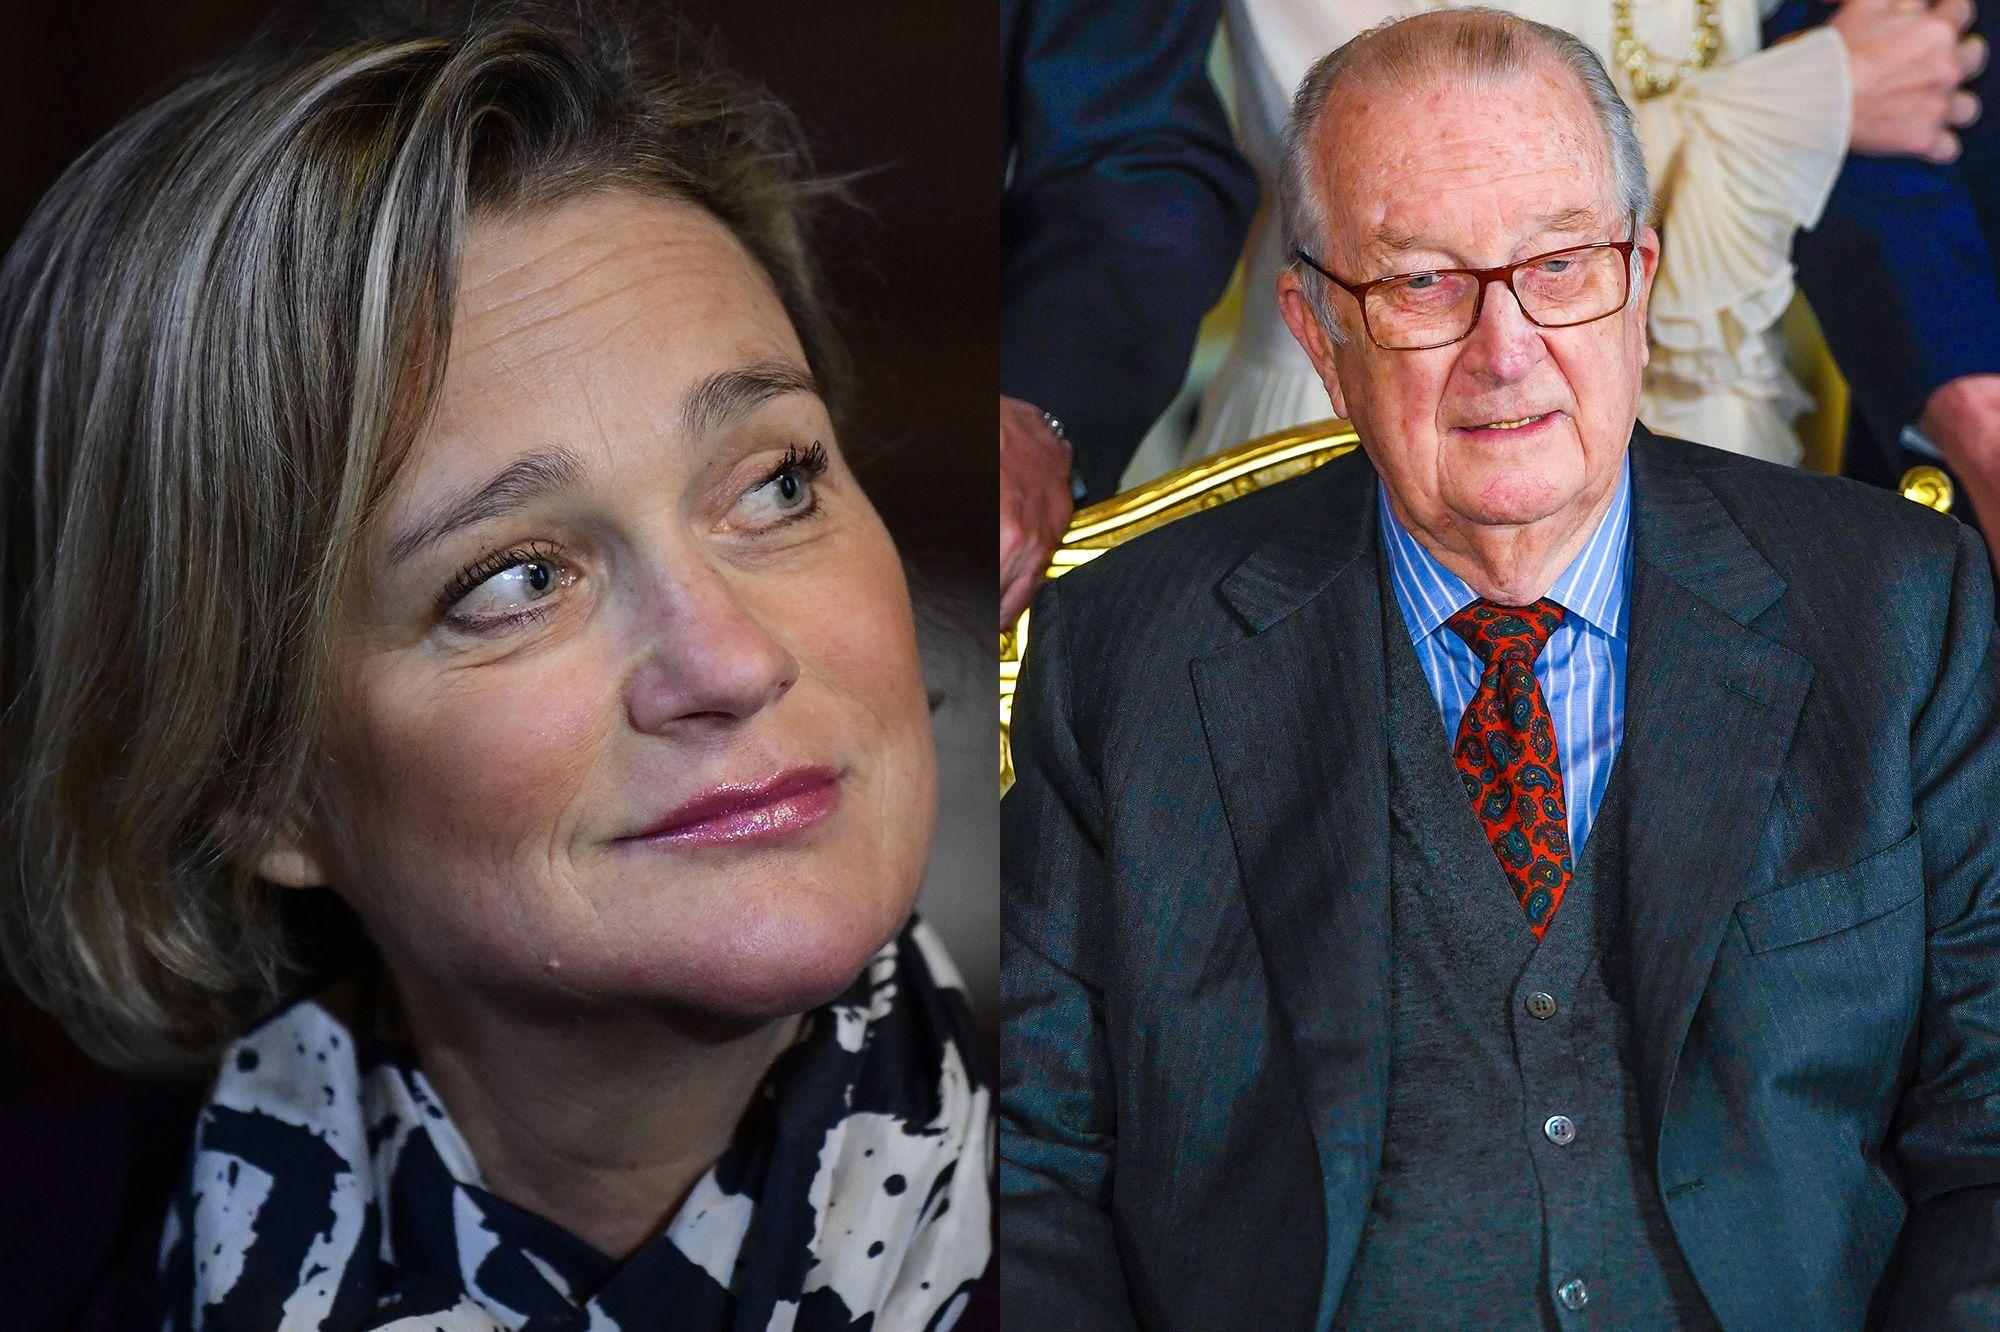 L'ex-roi des Belges Albert II est bien le père de Delphine Boël